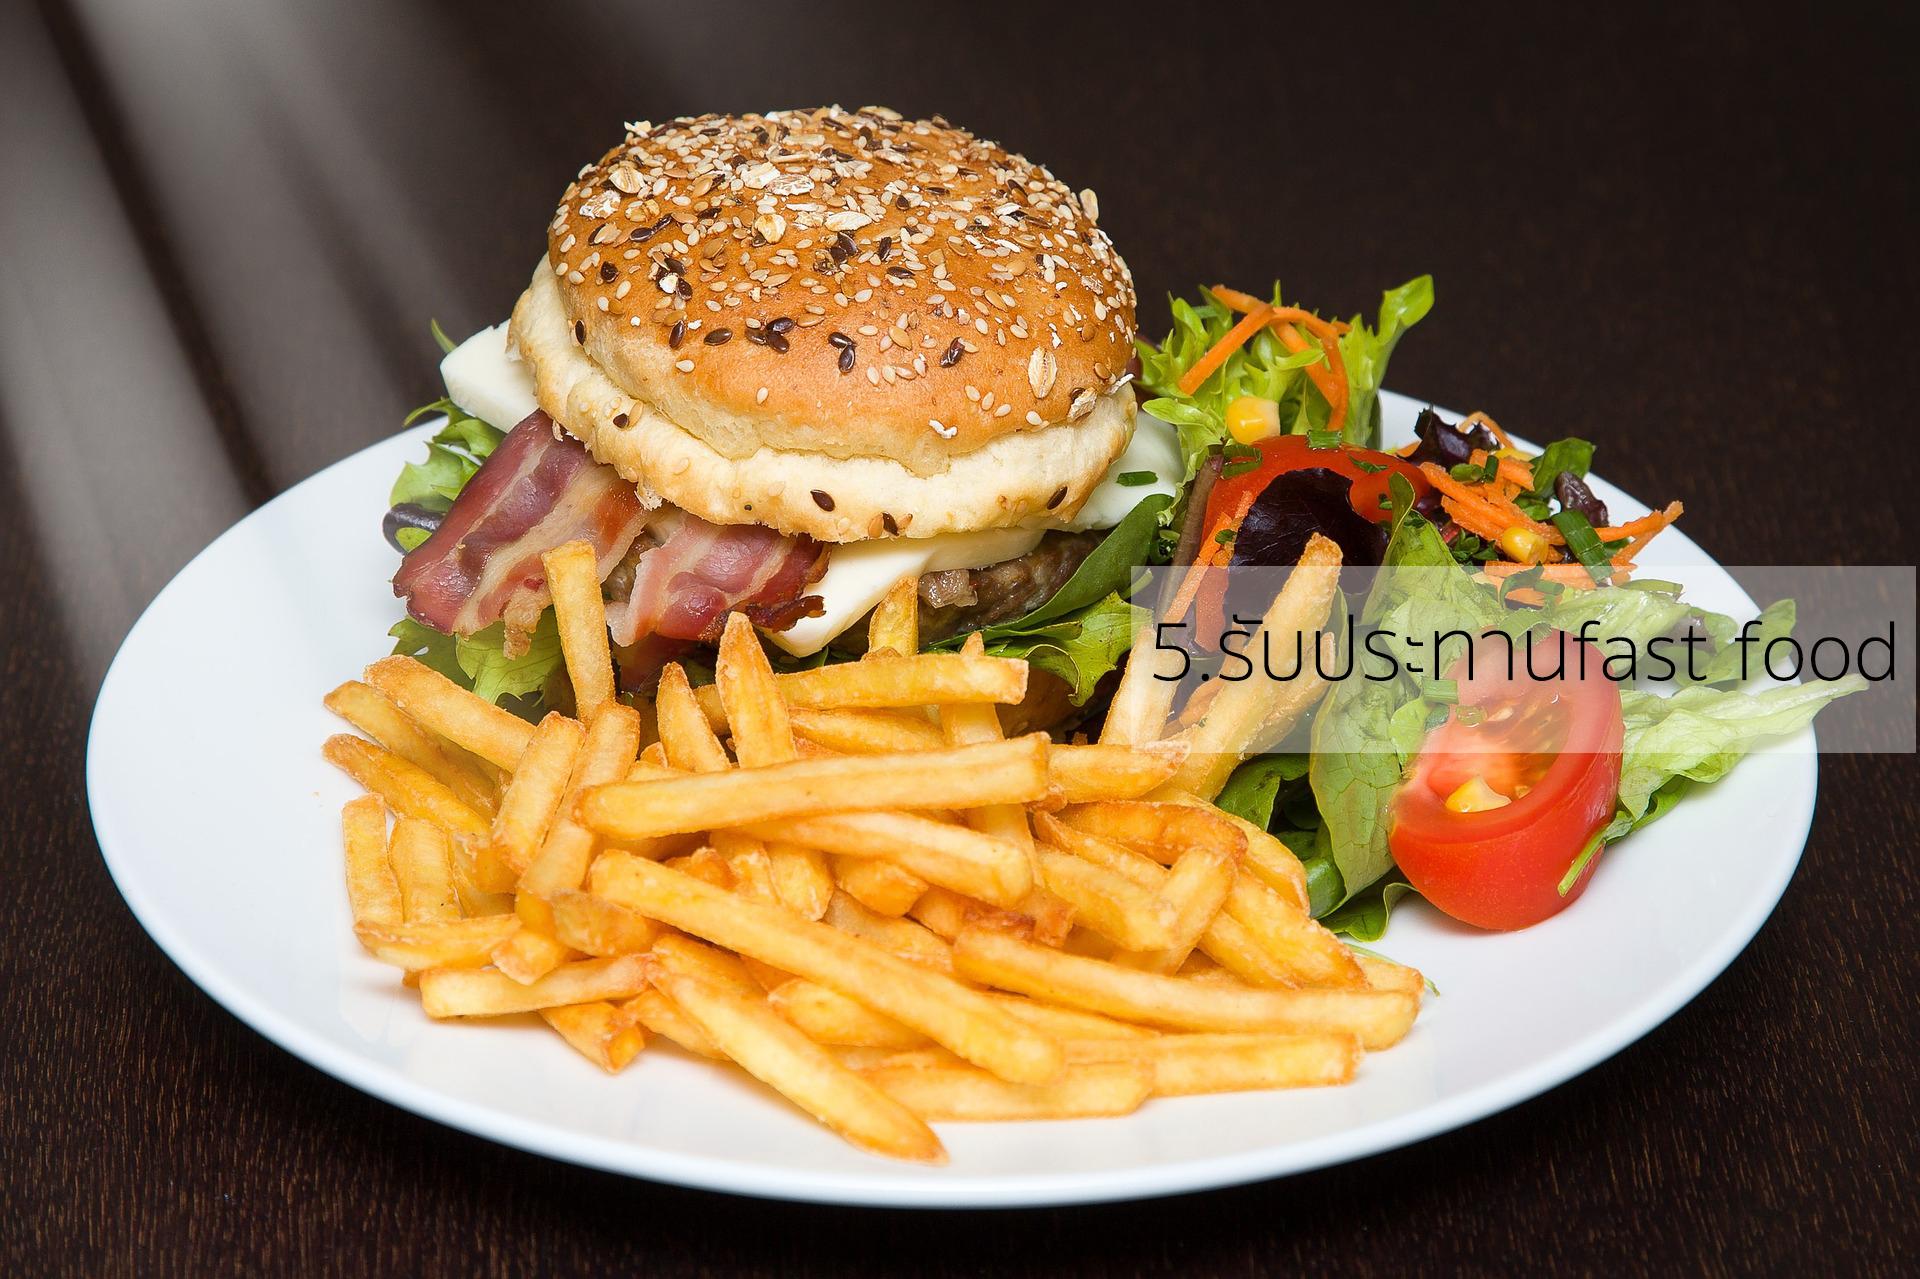 Fast+food